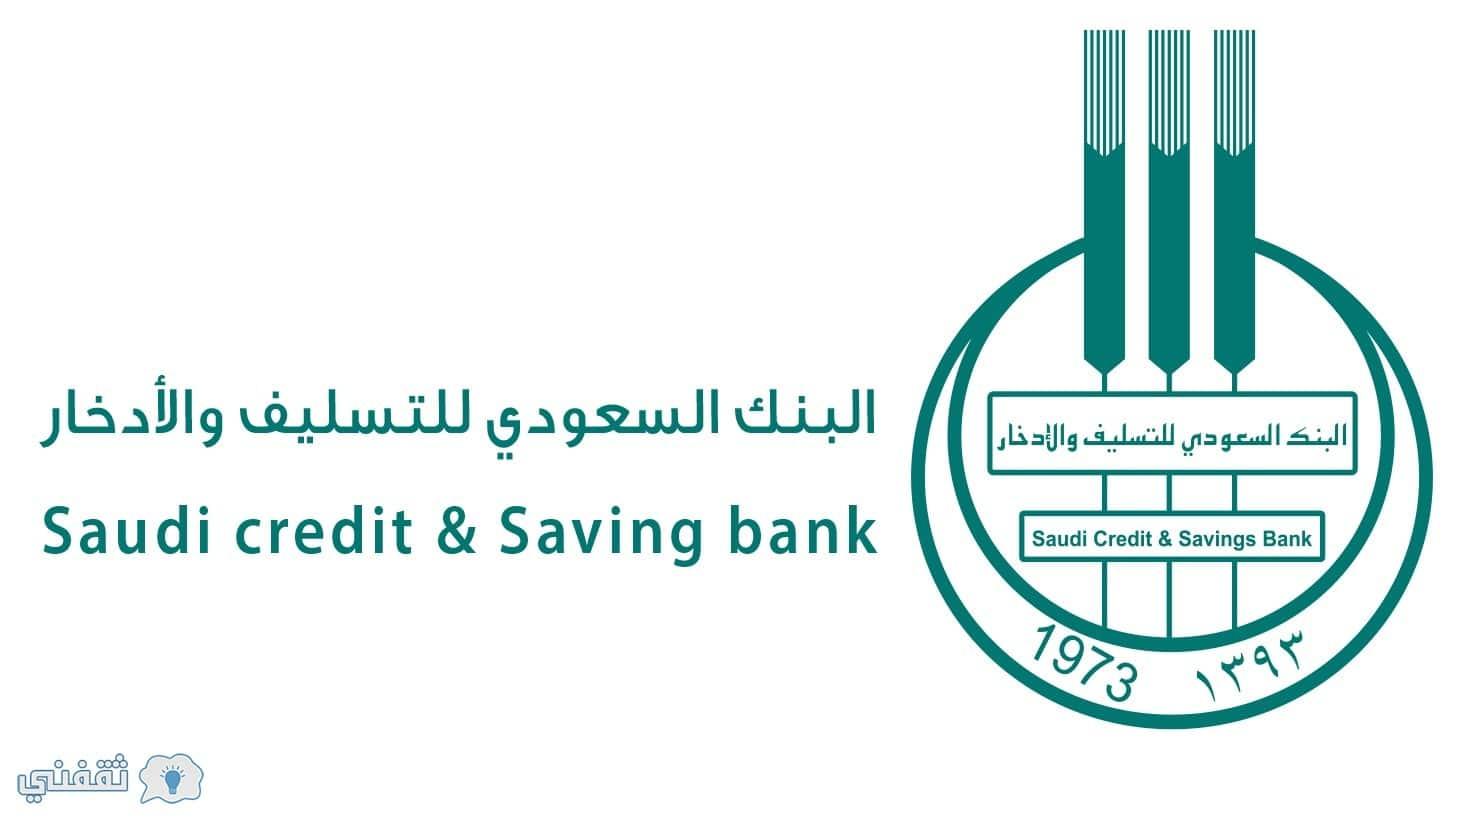 رقم بنك التسليف خدمة العملاء